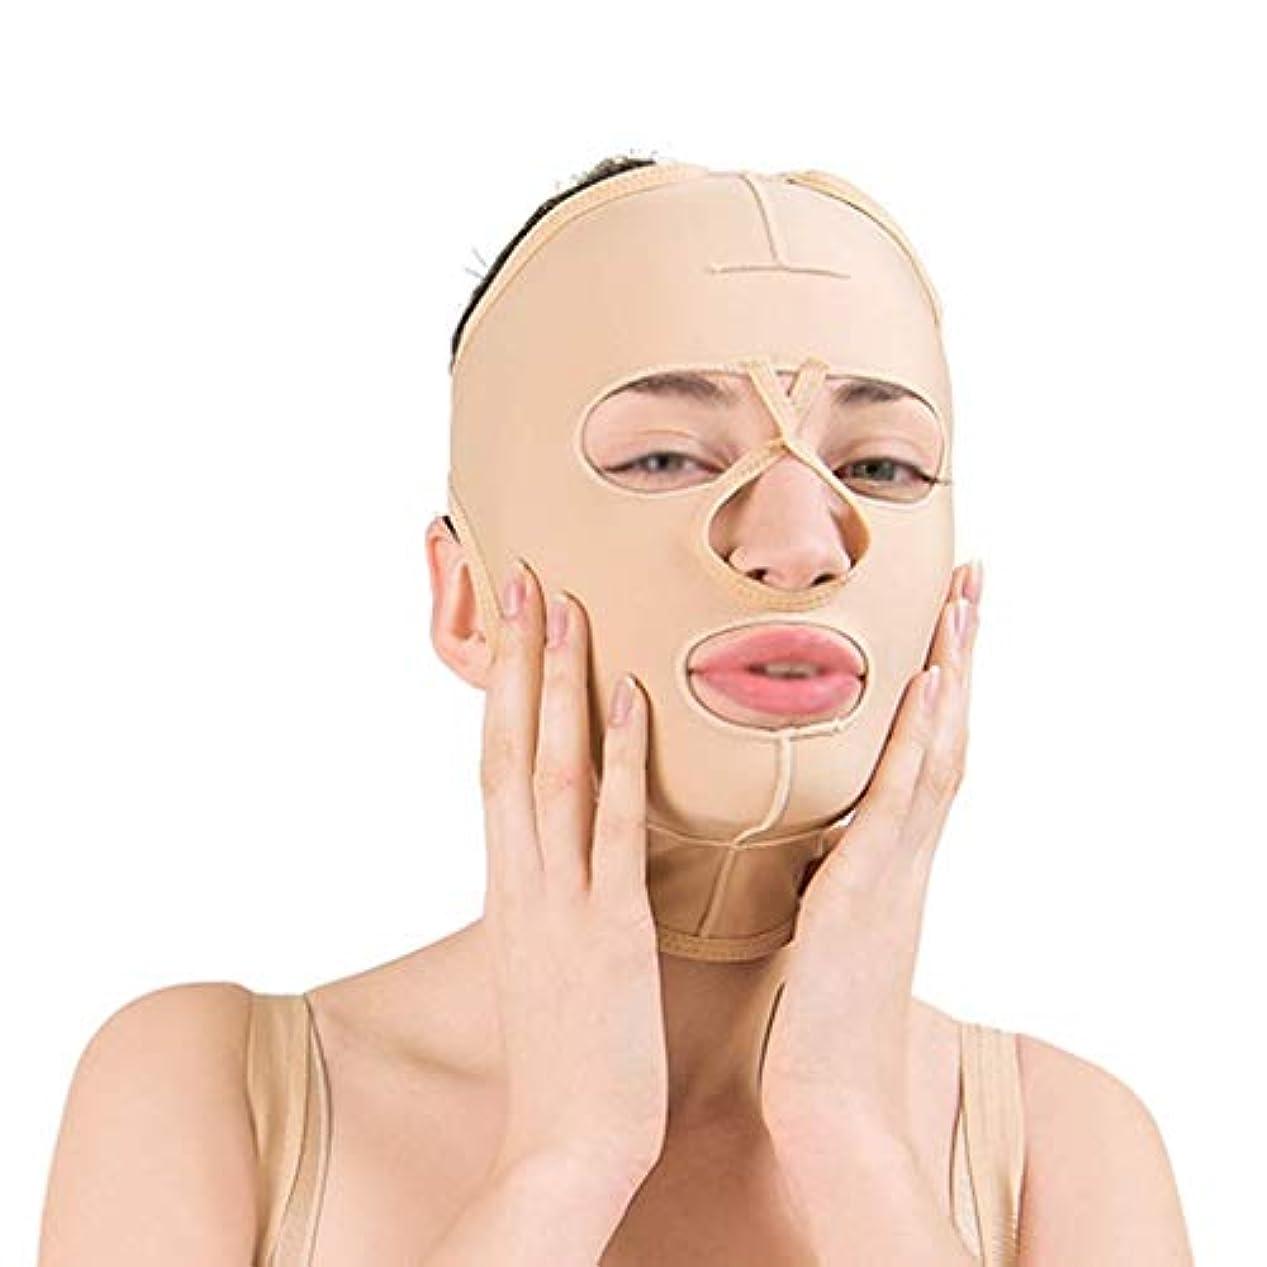 車両談話トロピカルフェイススリミングマスク、フェイスバンデージ付きフェイシャル減量マスク、通気性フェイスリフト、引き締め、フェイスリフティング(サイズ:L),M